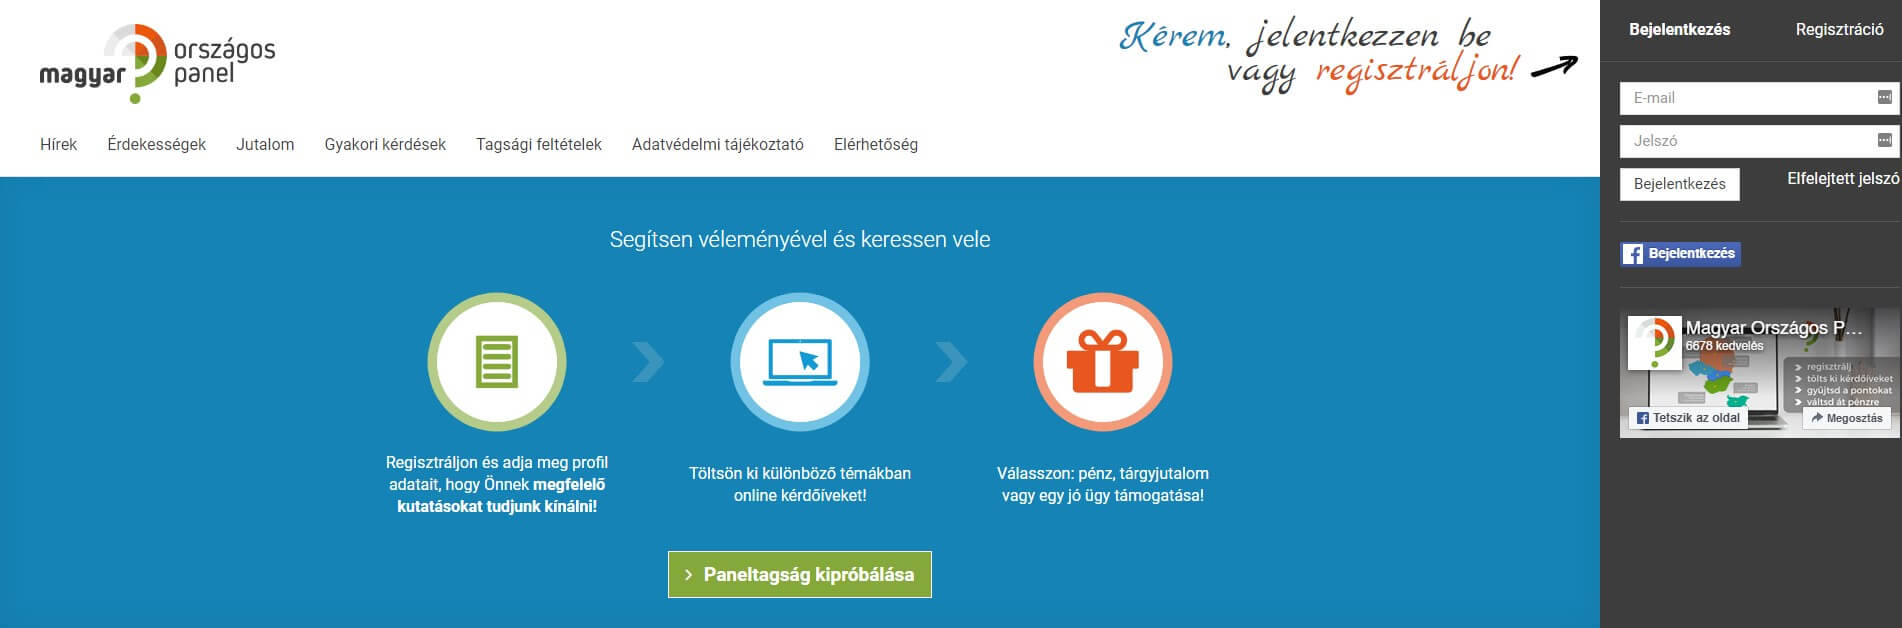 regisztráció nélküli oldalak pénzt keresnek)